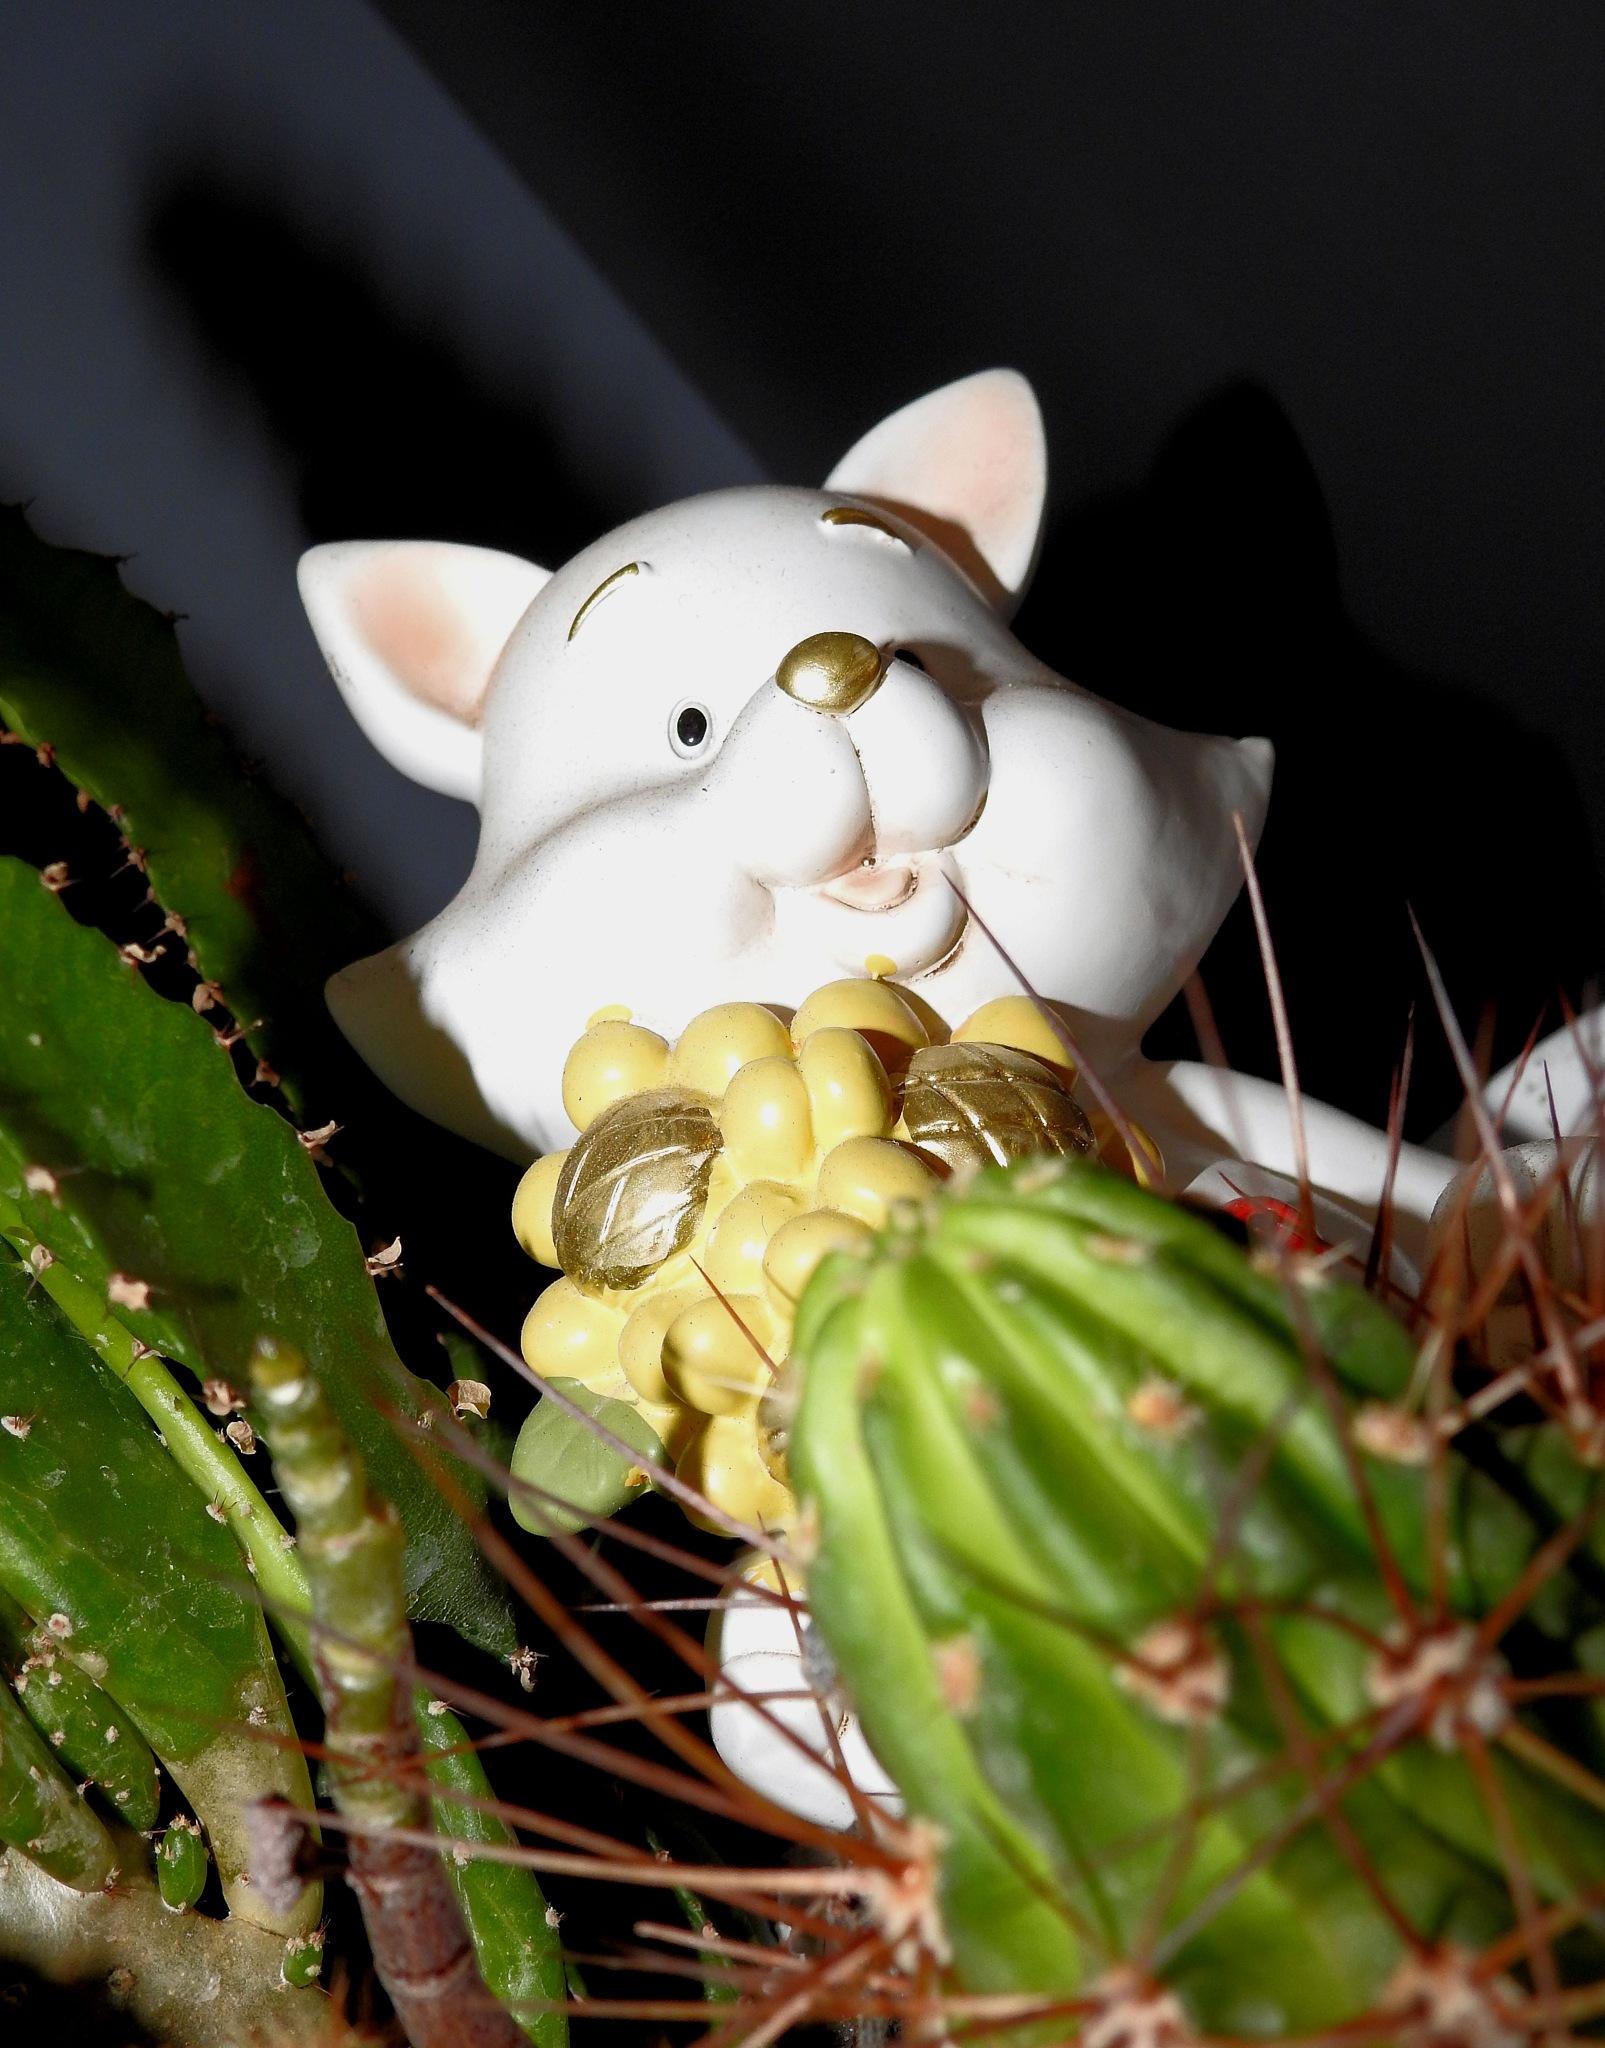 Un...animalot molt estrany - A very strange Little animal!!! - 01 by Mister Arnauna & Gatto Giuggiolone